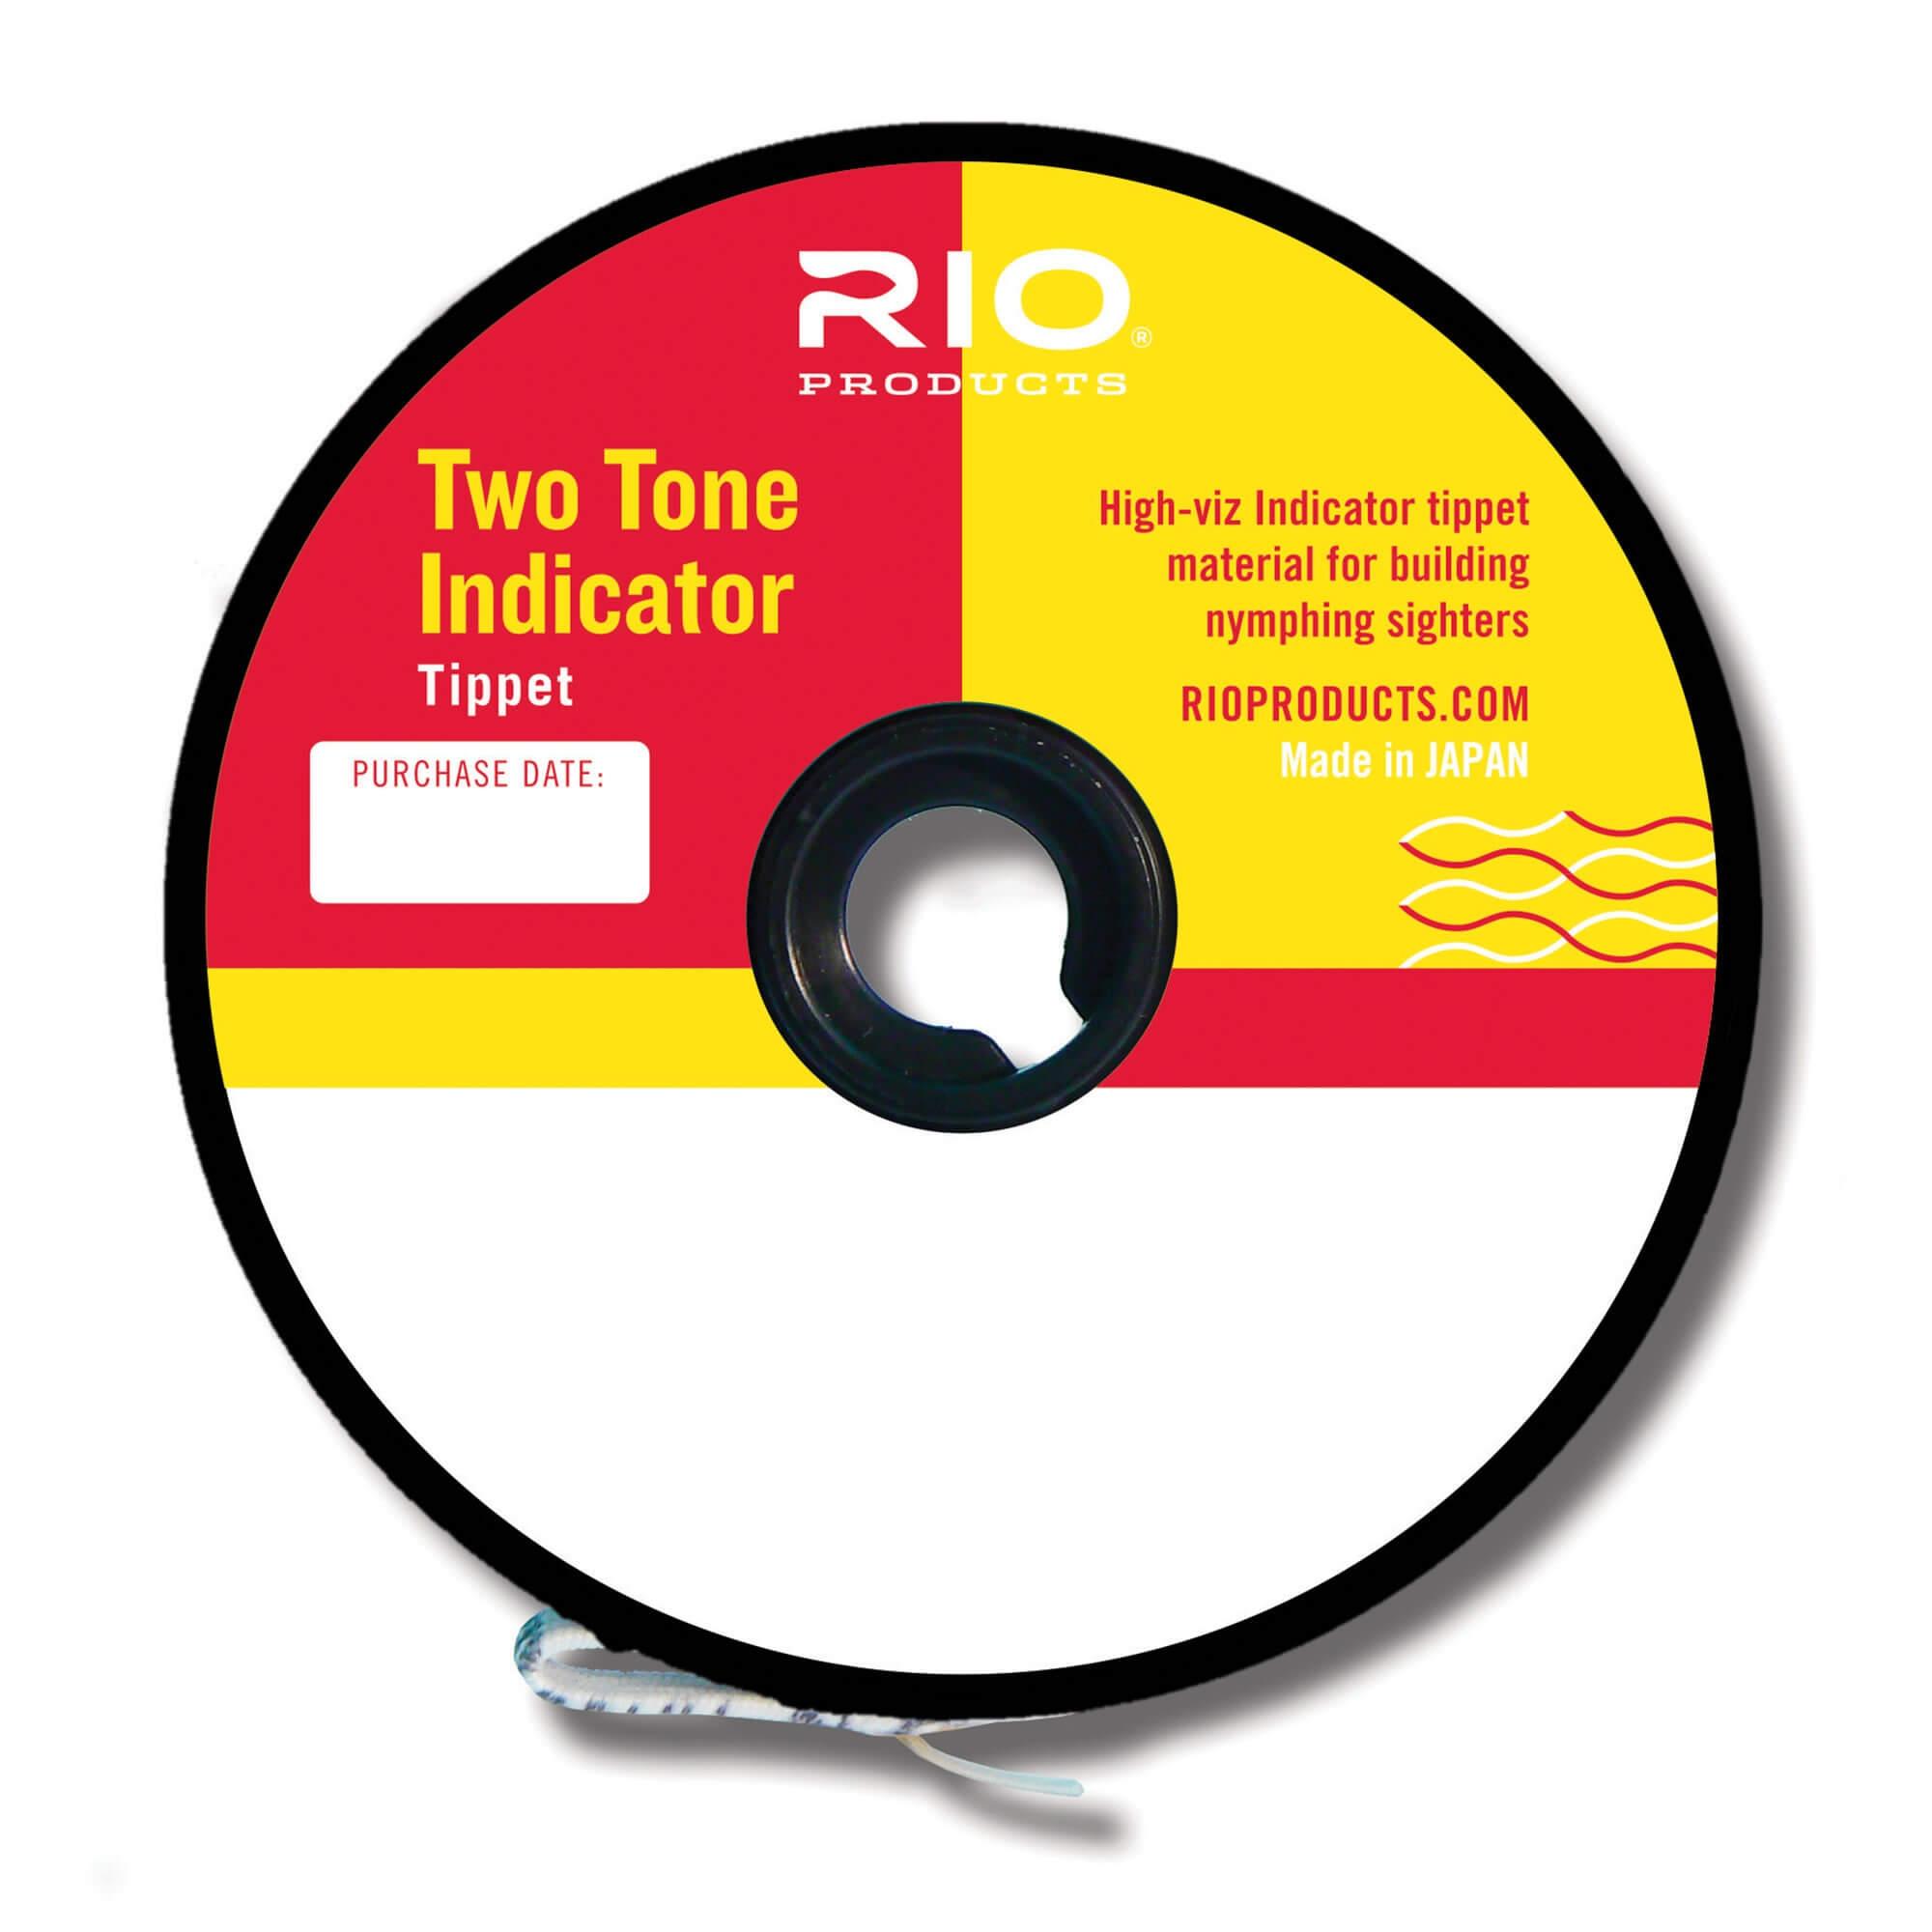 Freshwater Tippet 2-Tone Indicator